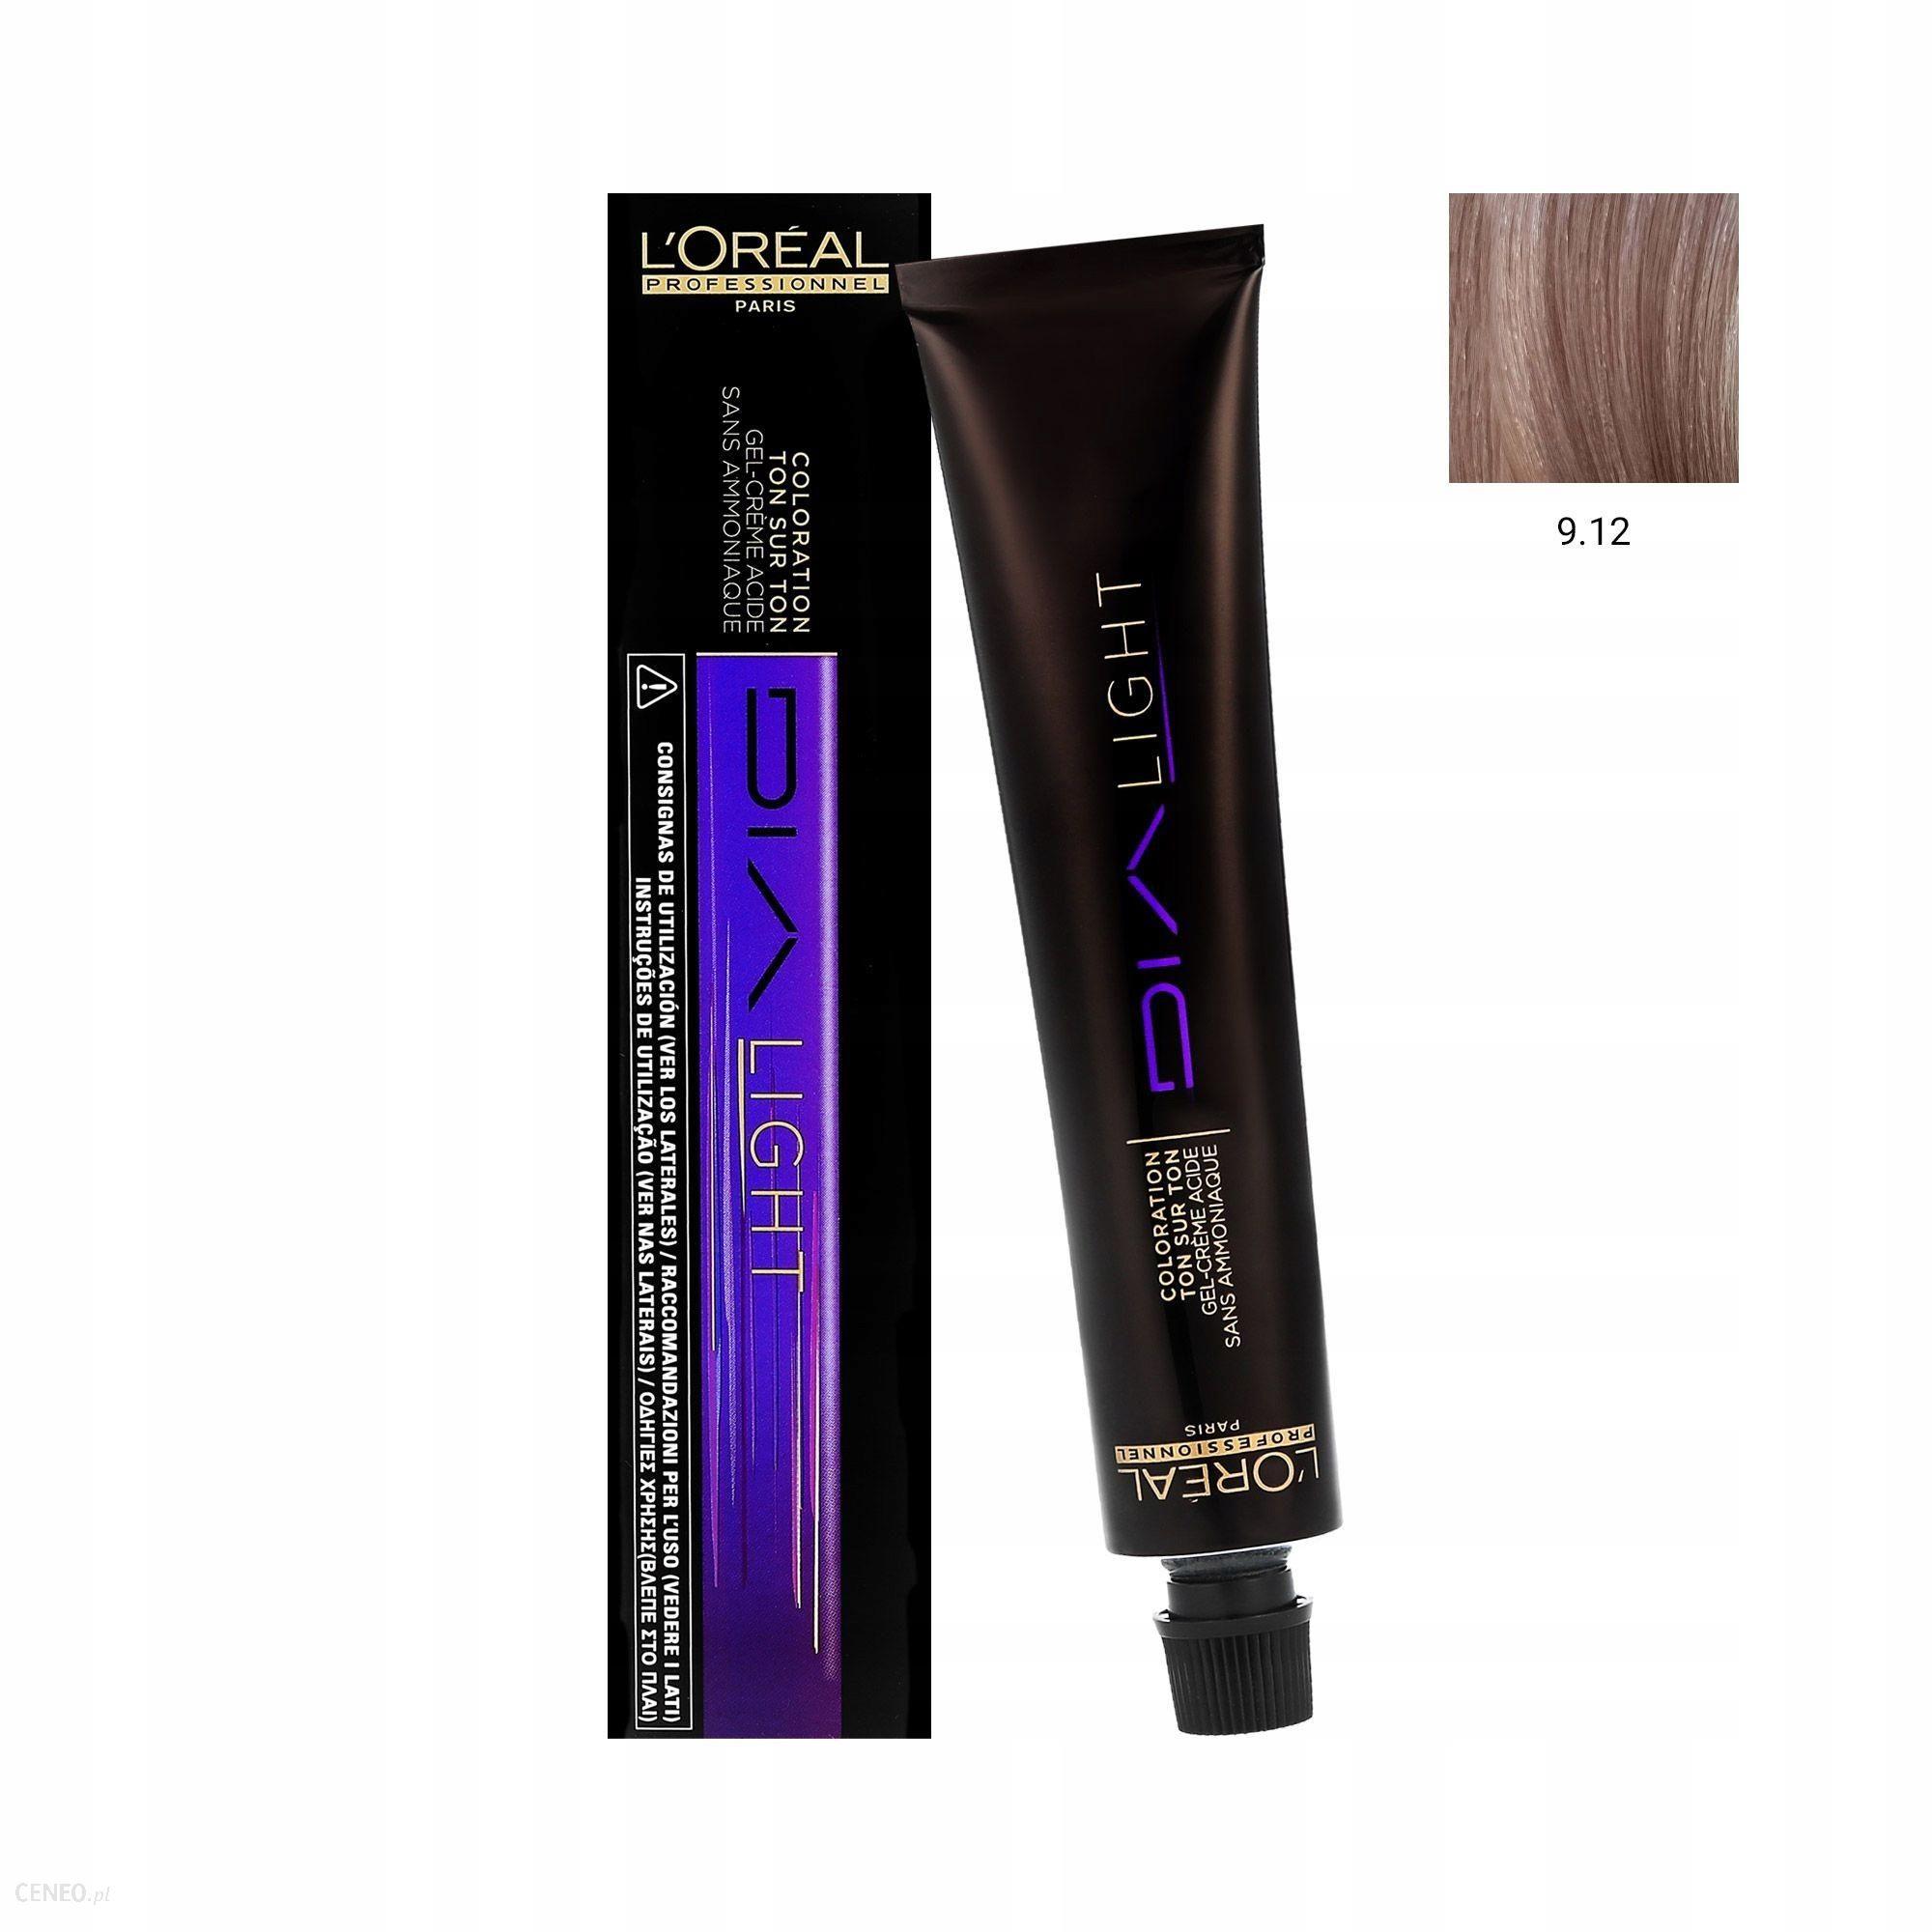 L'Oreal Dia Light Koloryzacja Ton W Ton Bez Amoniaku Do Włosów Koloryzowanych I Uwrażliwionych 9.12 Bardzo Jasny Blond Popielato-Opalizujący 50Ml